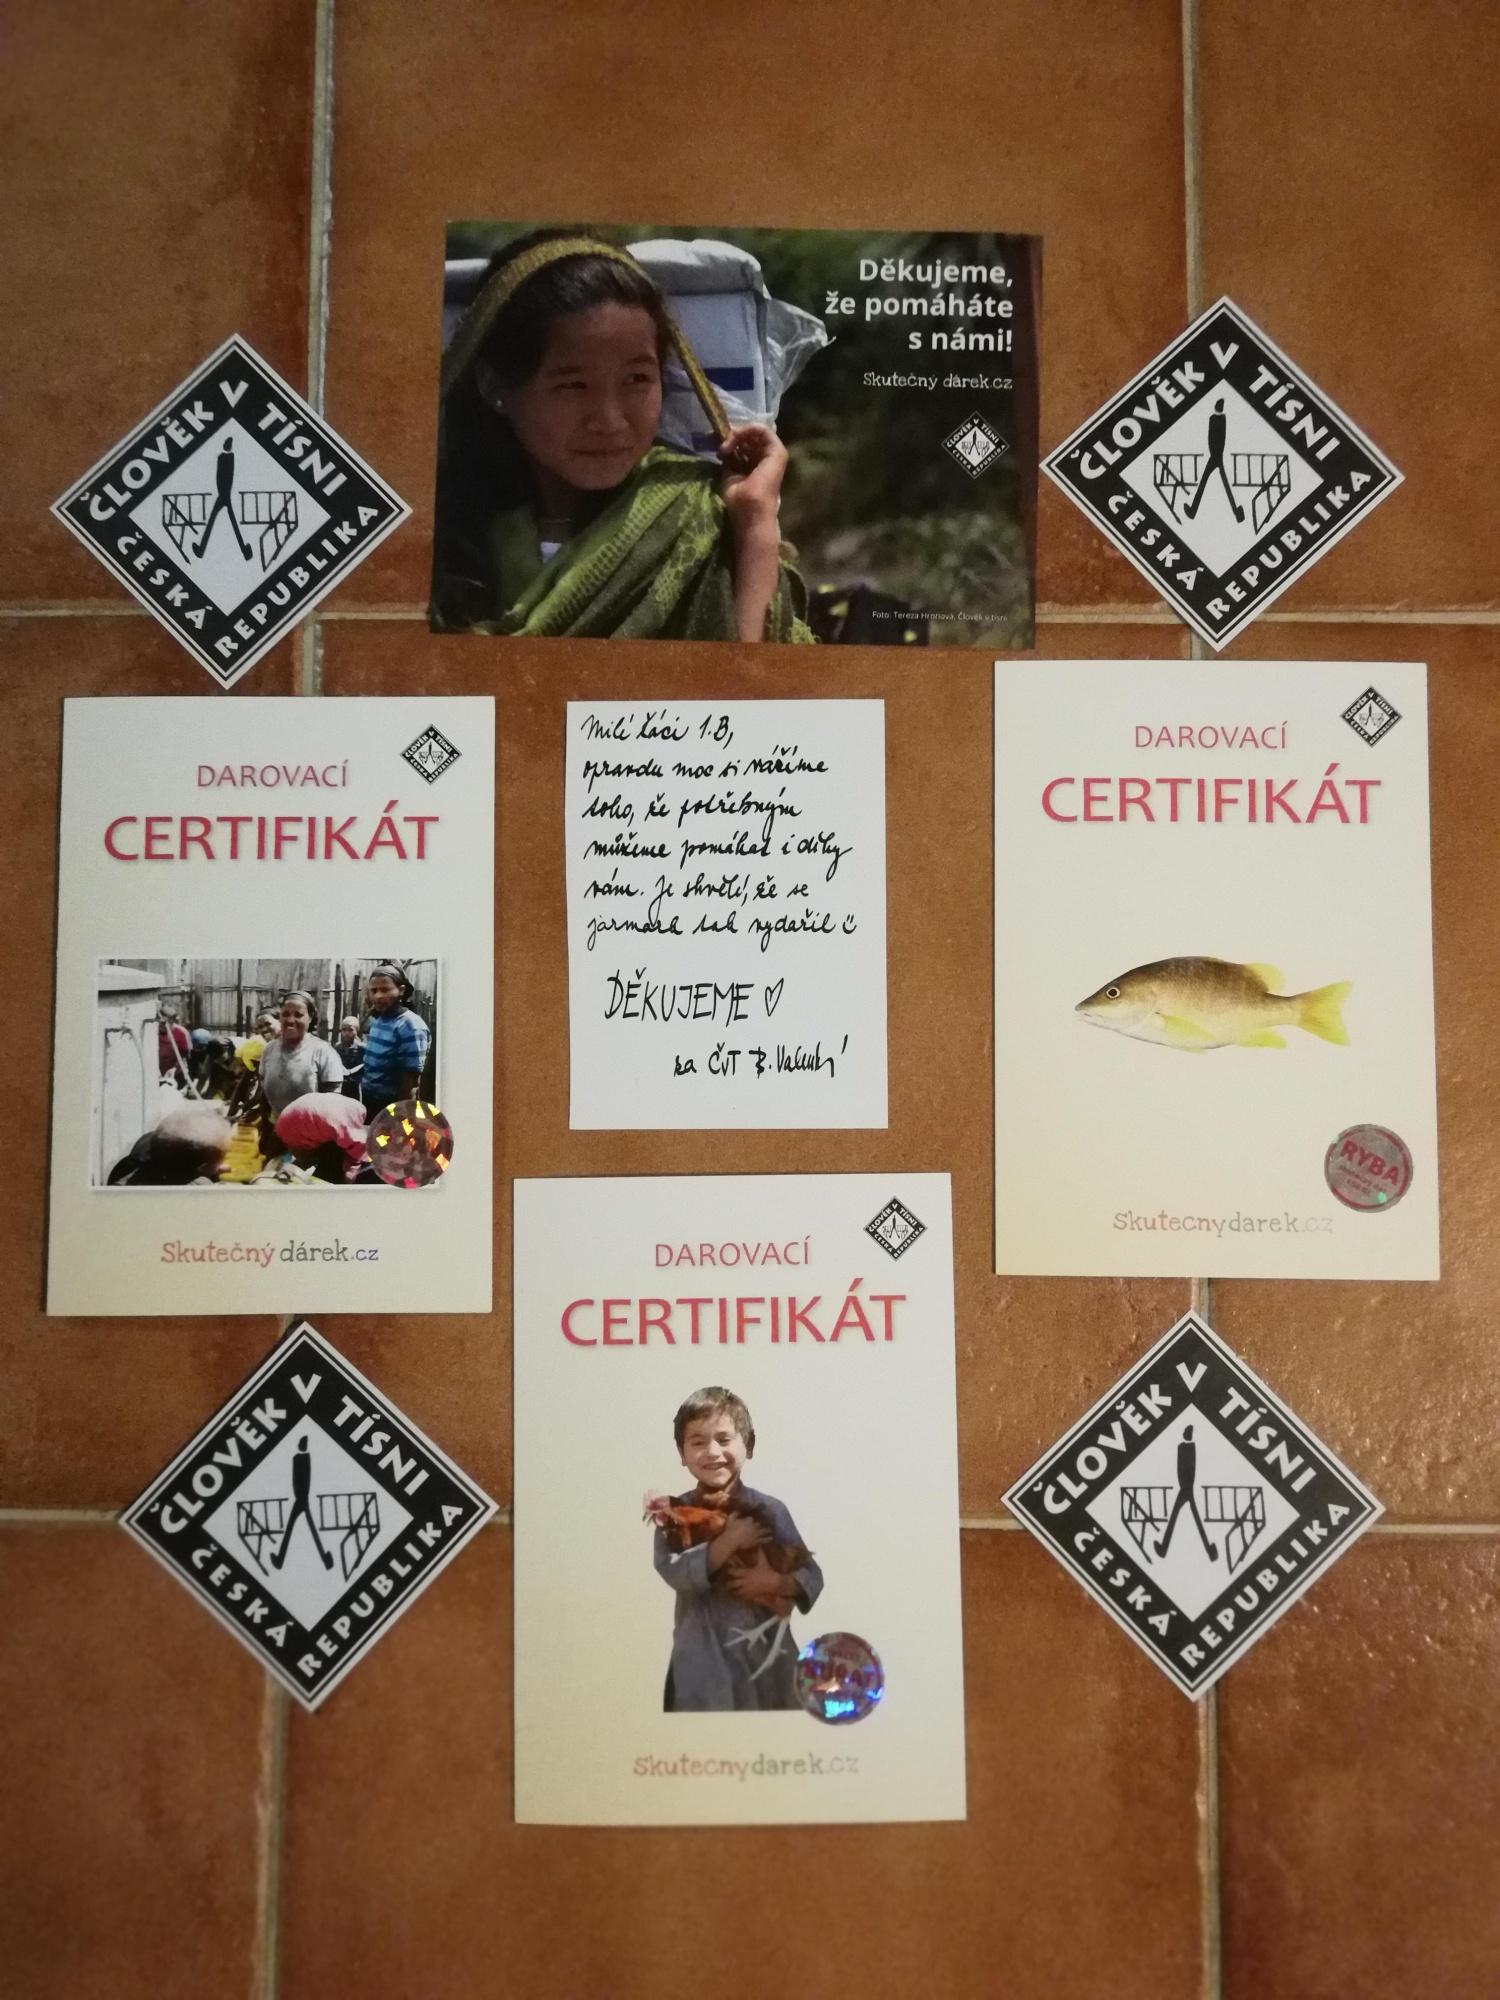 Darovací certifikáty